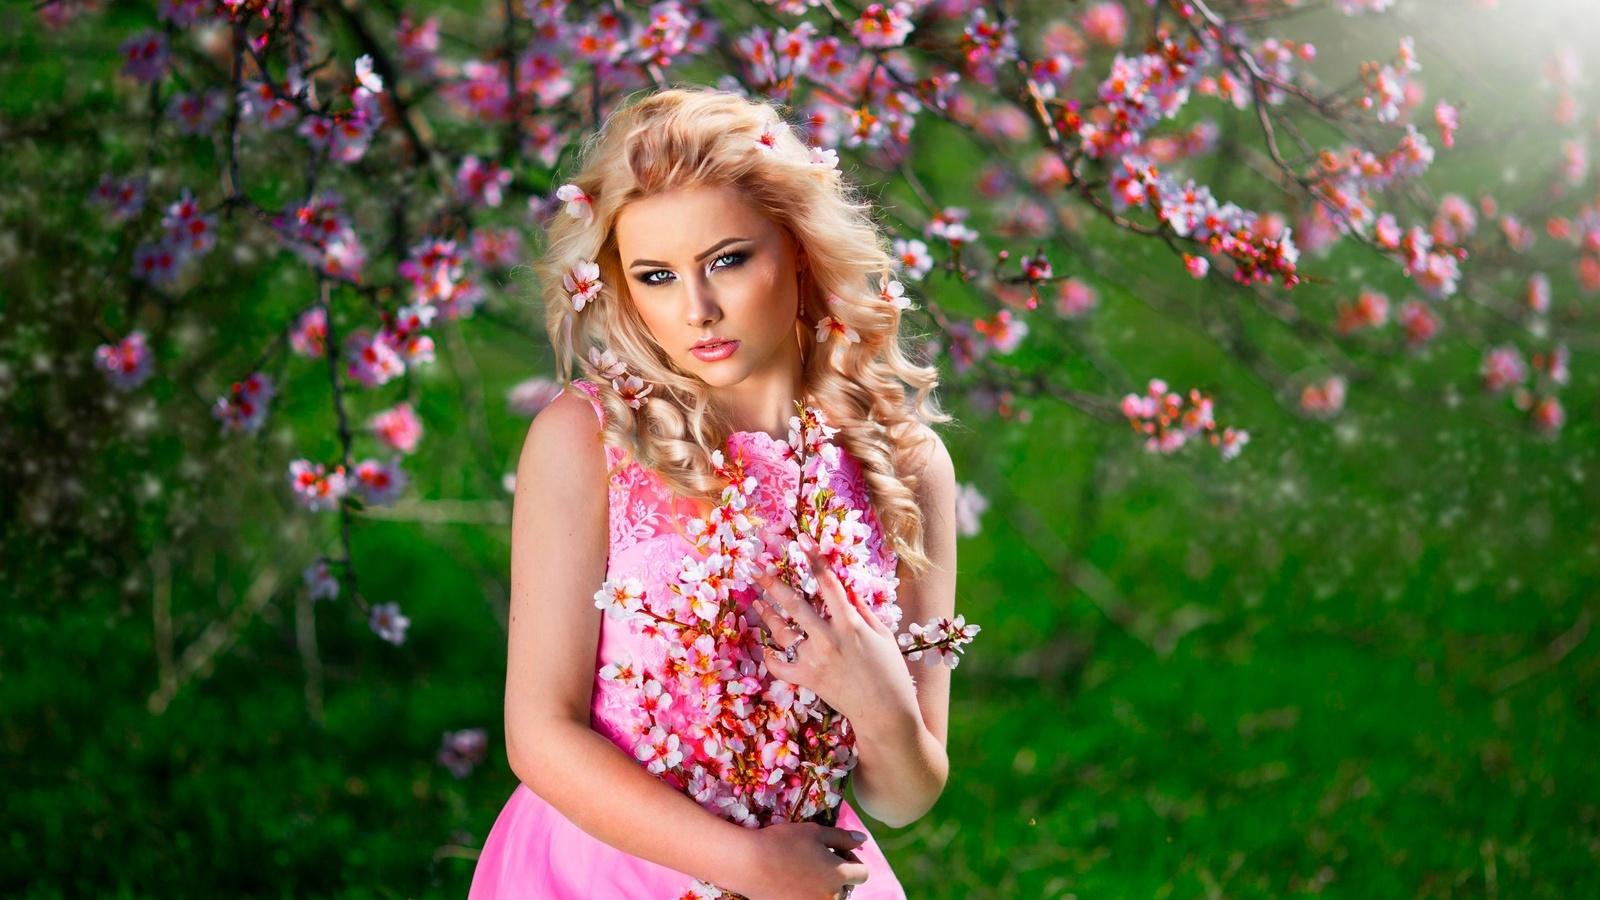 девушка, блондинка, платье, весна, деревья, цветение, цветы, ветки, локоны